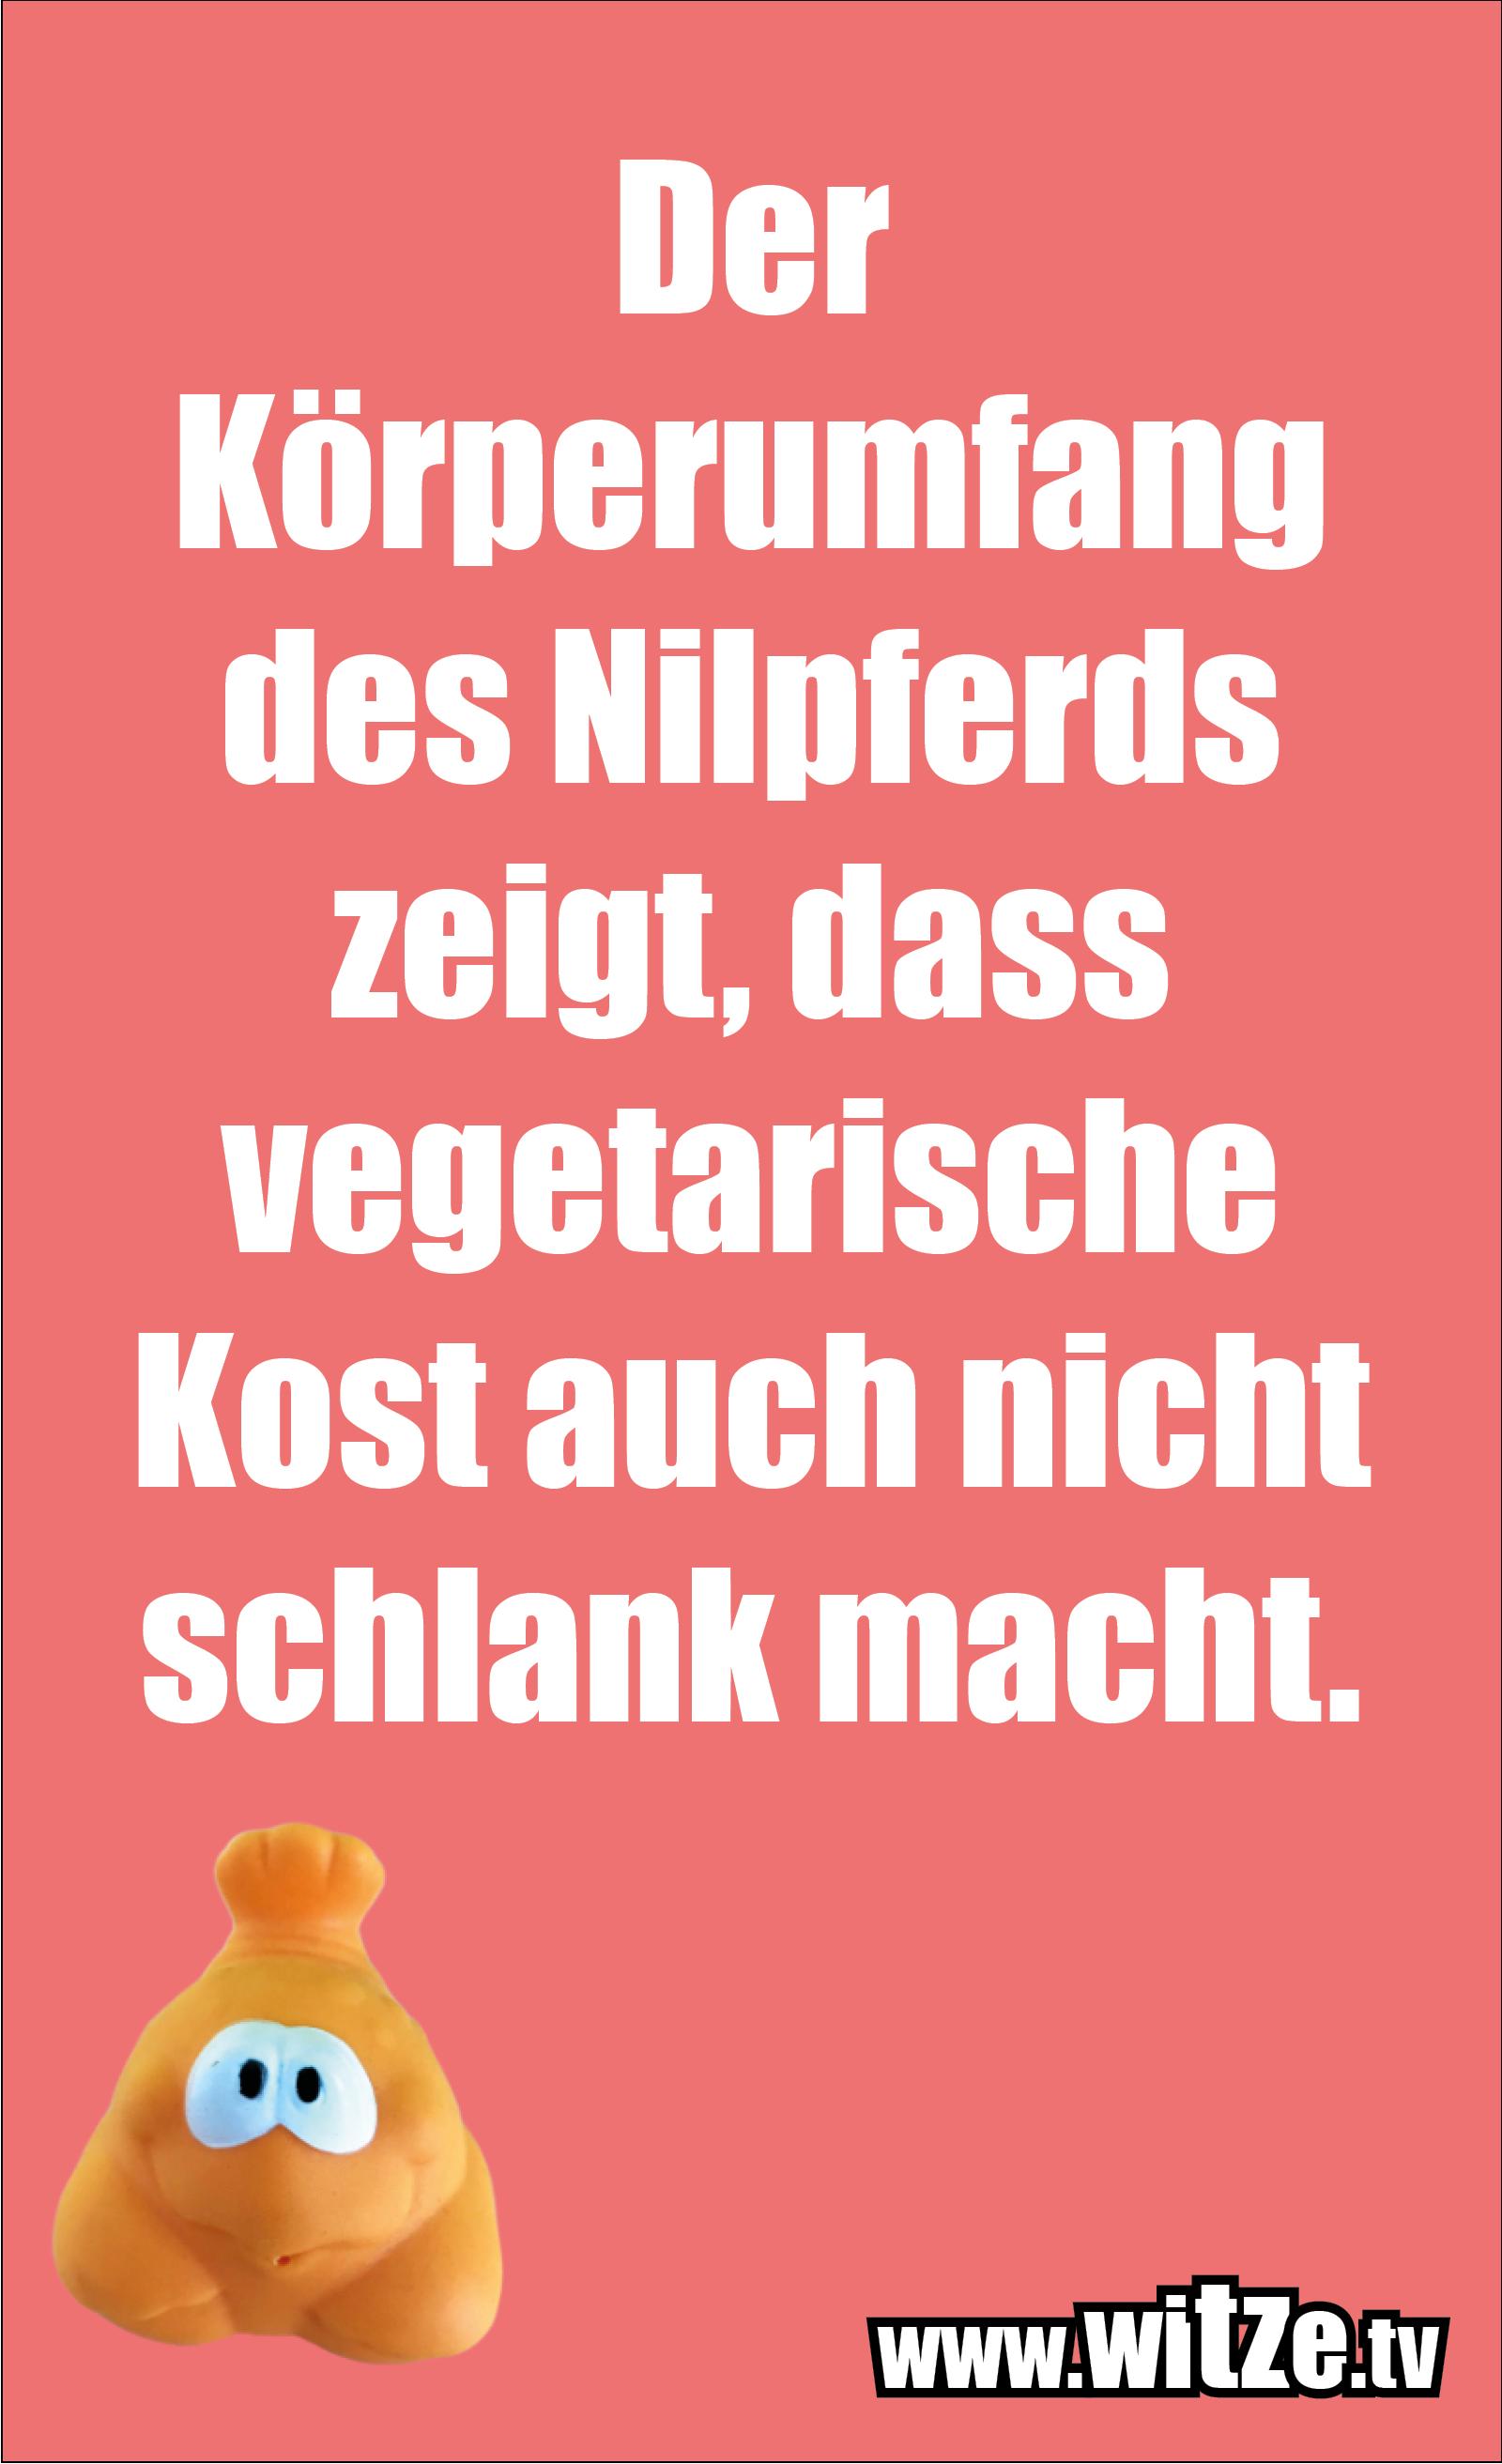 Sarkasmus Sprüche: Der Körperumfang des Nilpferds zeigt, dass vegetarische Kost auch nicht schlank macht.